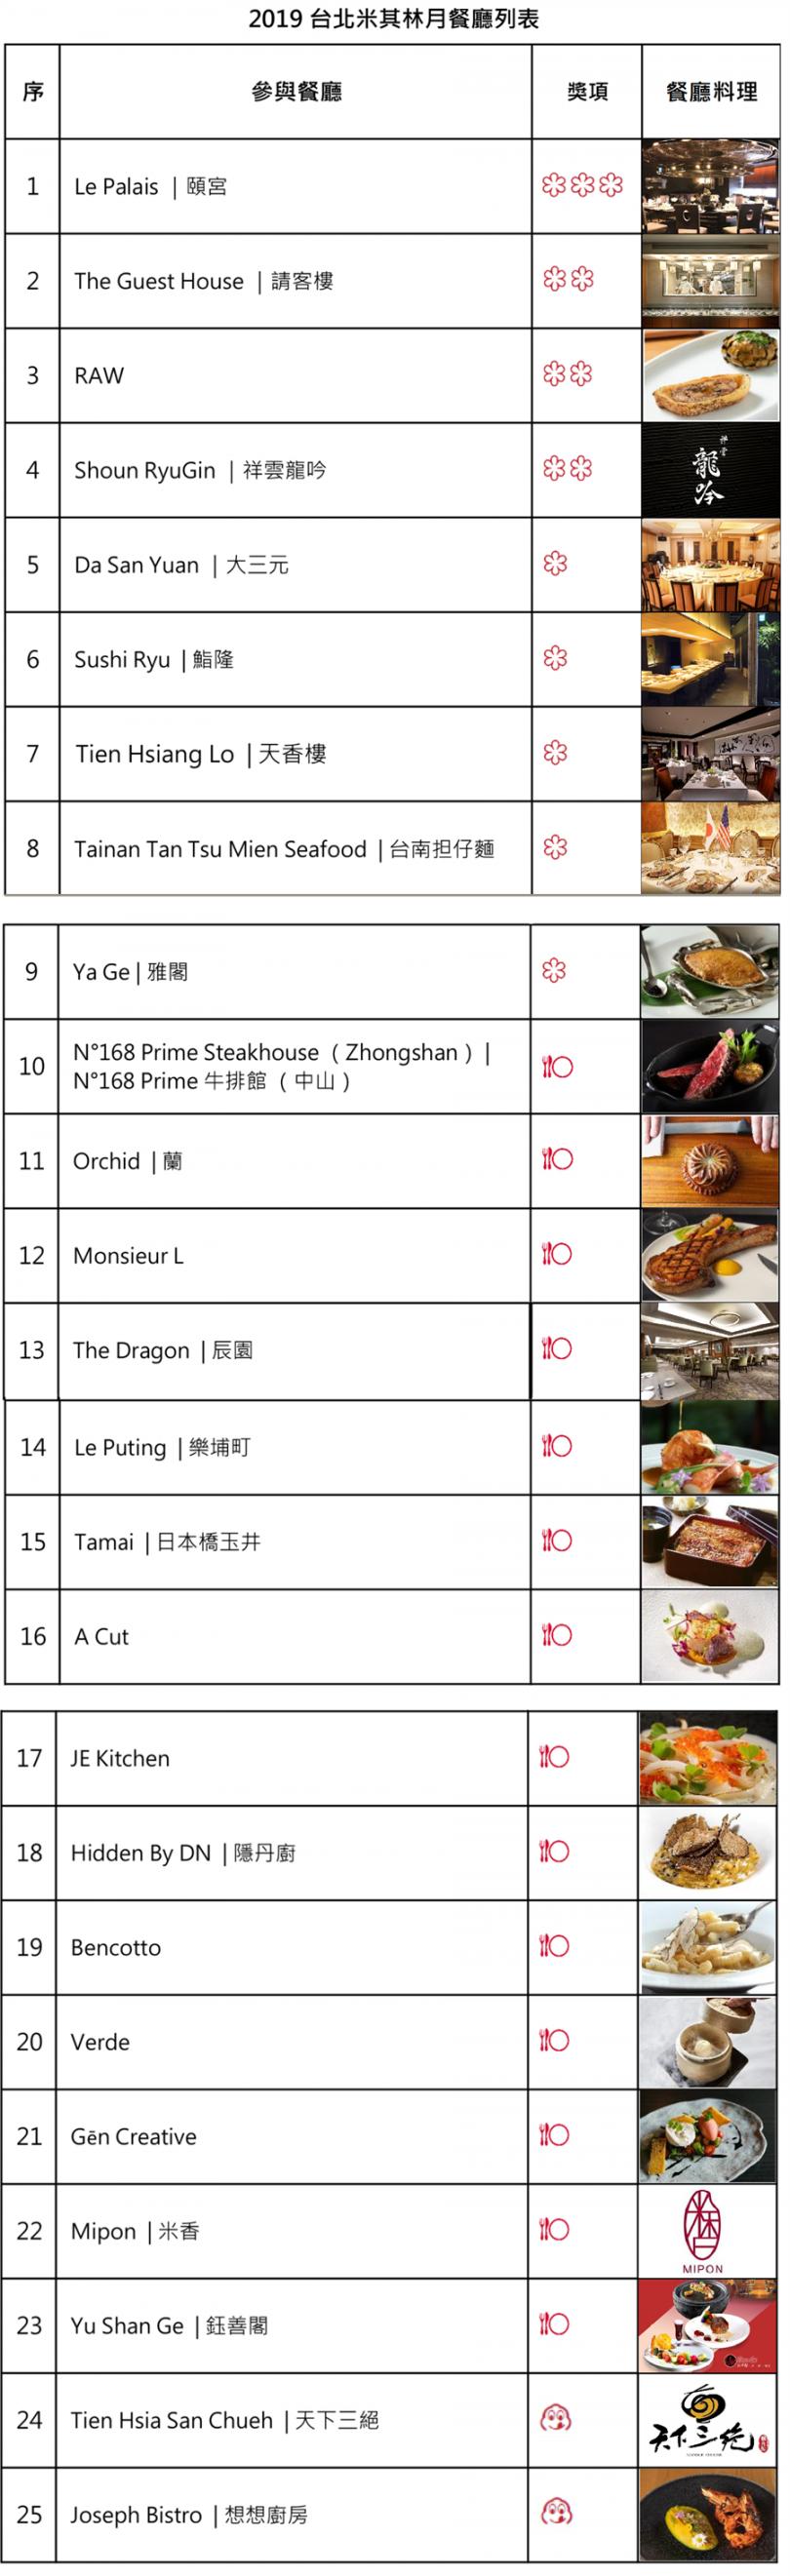 2019年8月台北米其林月25間餐廳、3種餐標名單